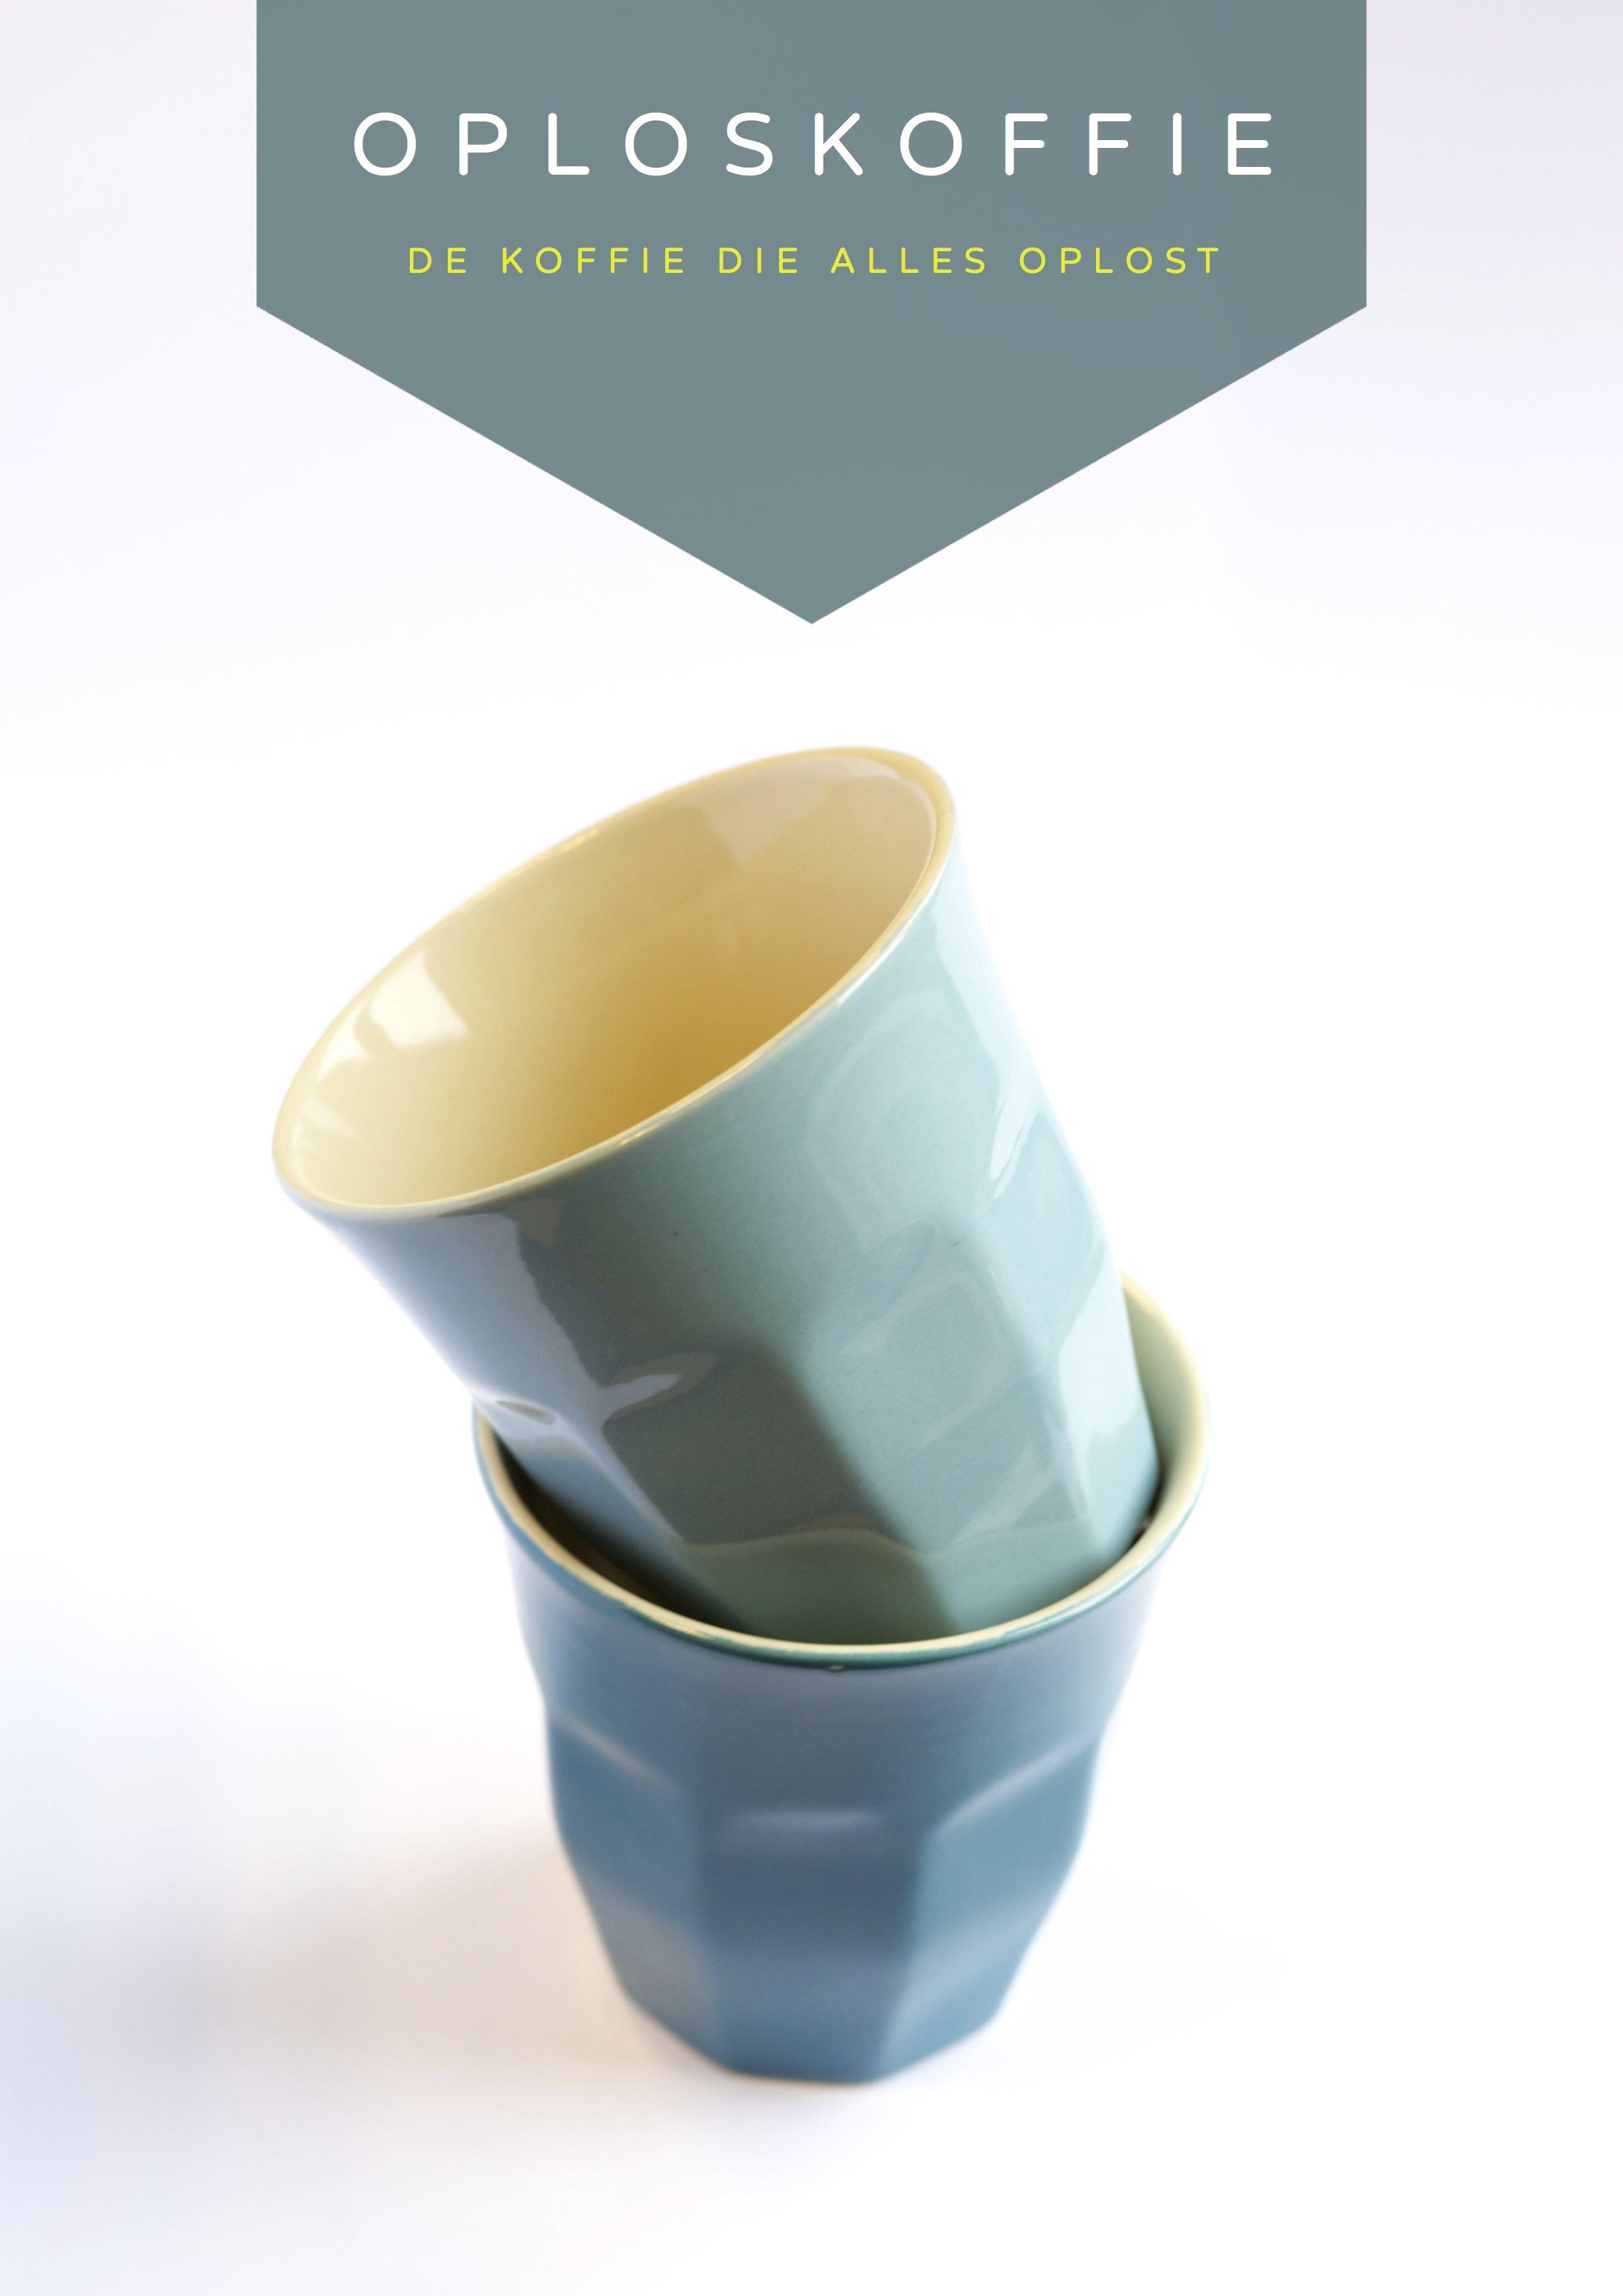 Oploskoffie = de koffie die (bijna) alles oplost